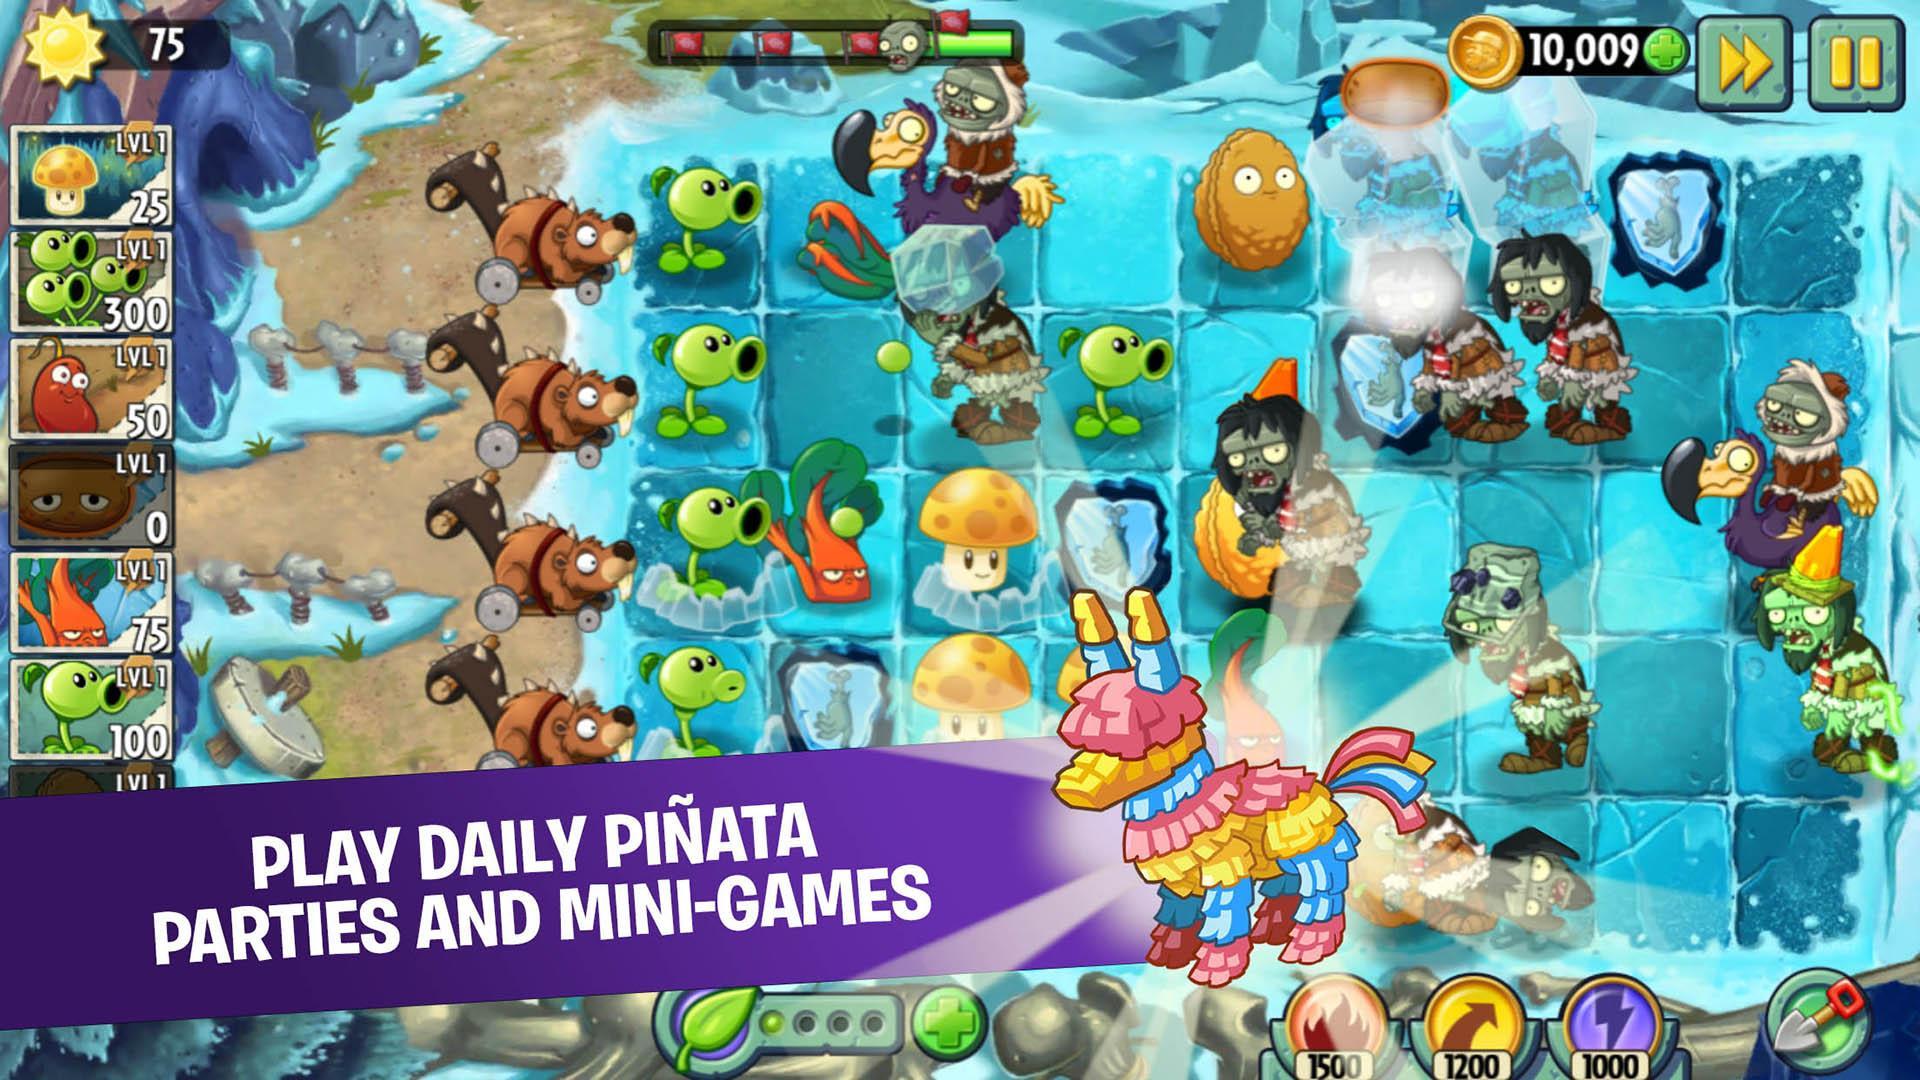 Plants vs Zombies 2 Mod Apk (Unlimited Money/Gems) 2